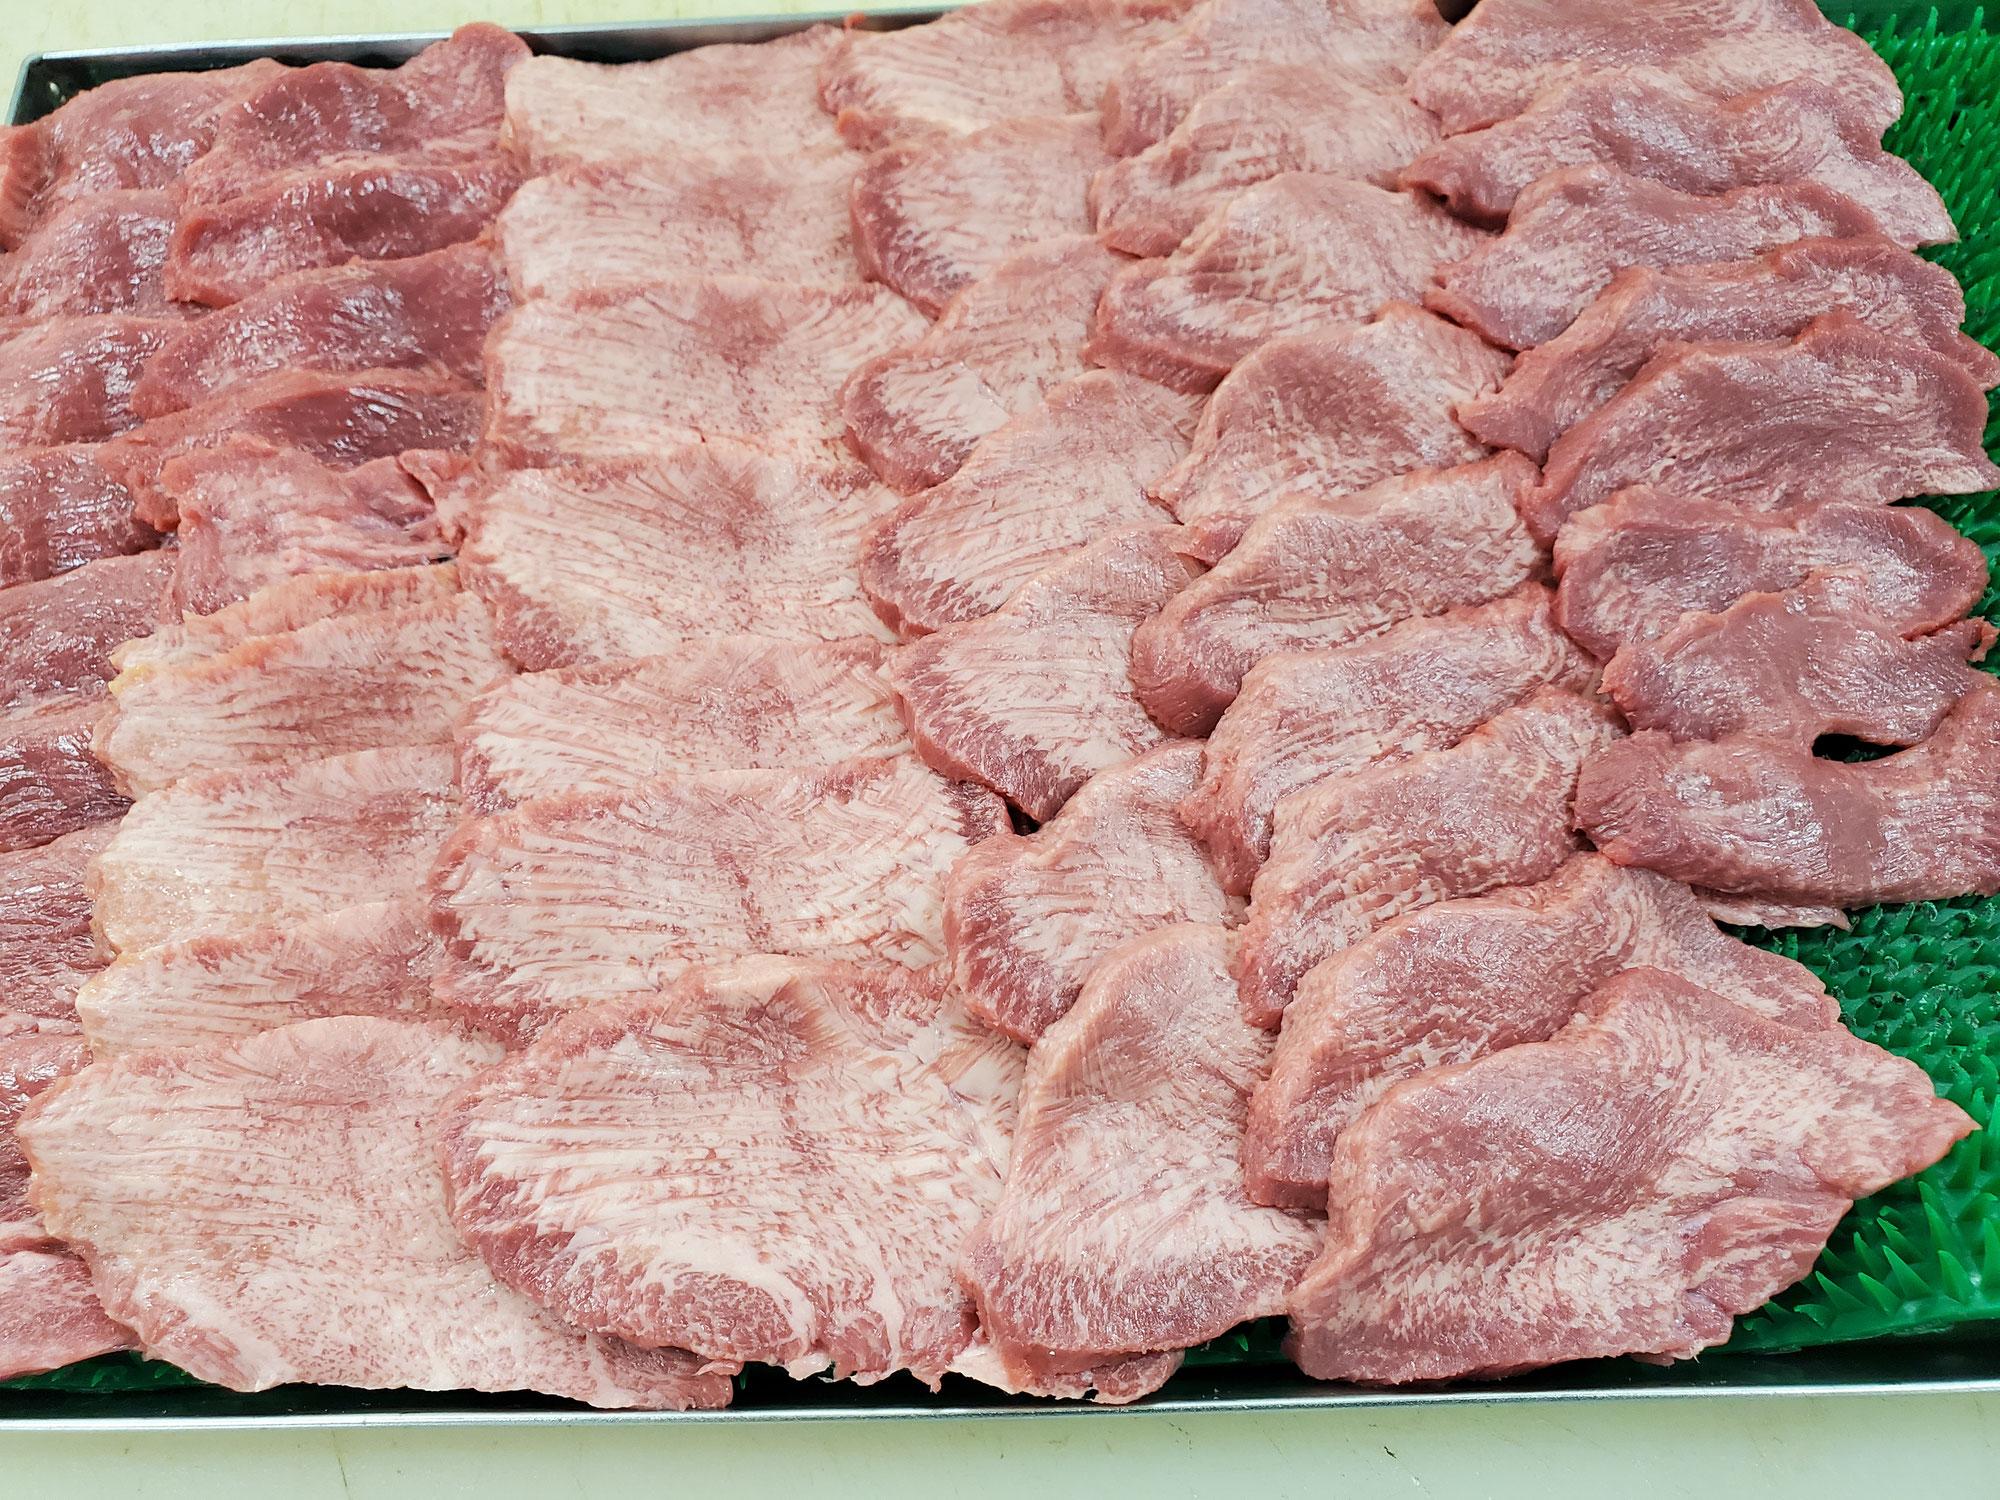 7月にかけて輸入肉も値上げラッシュか・・・